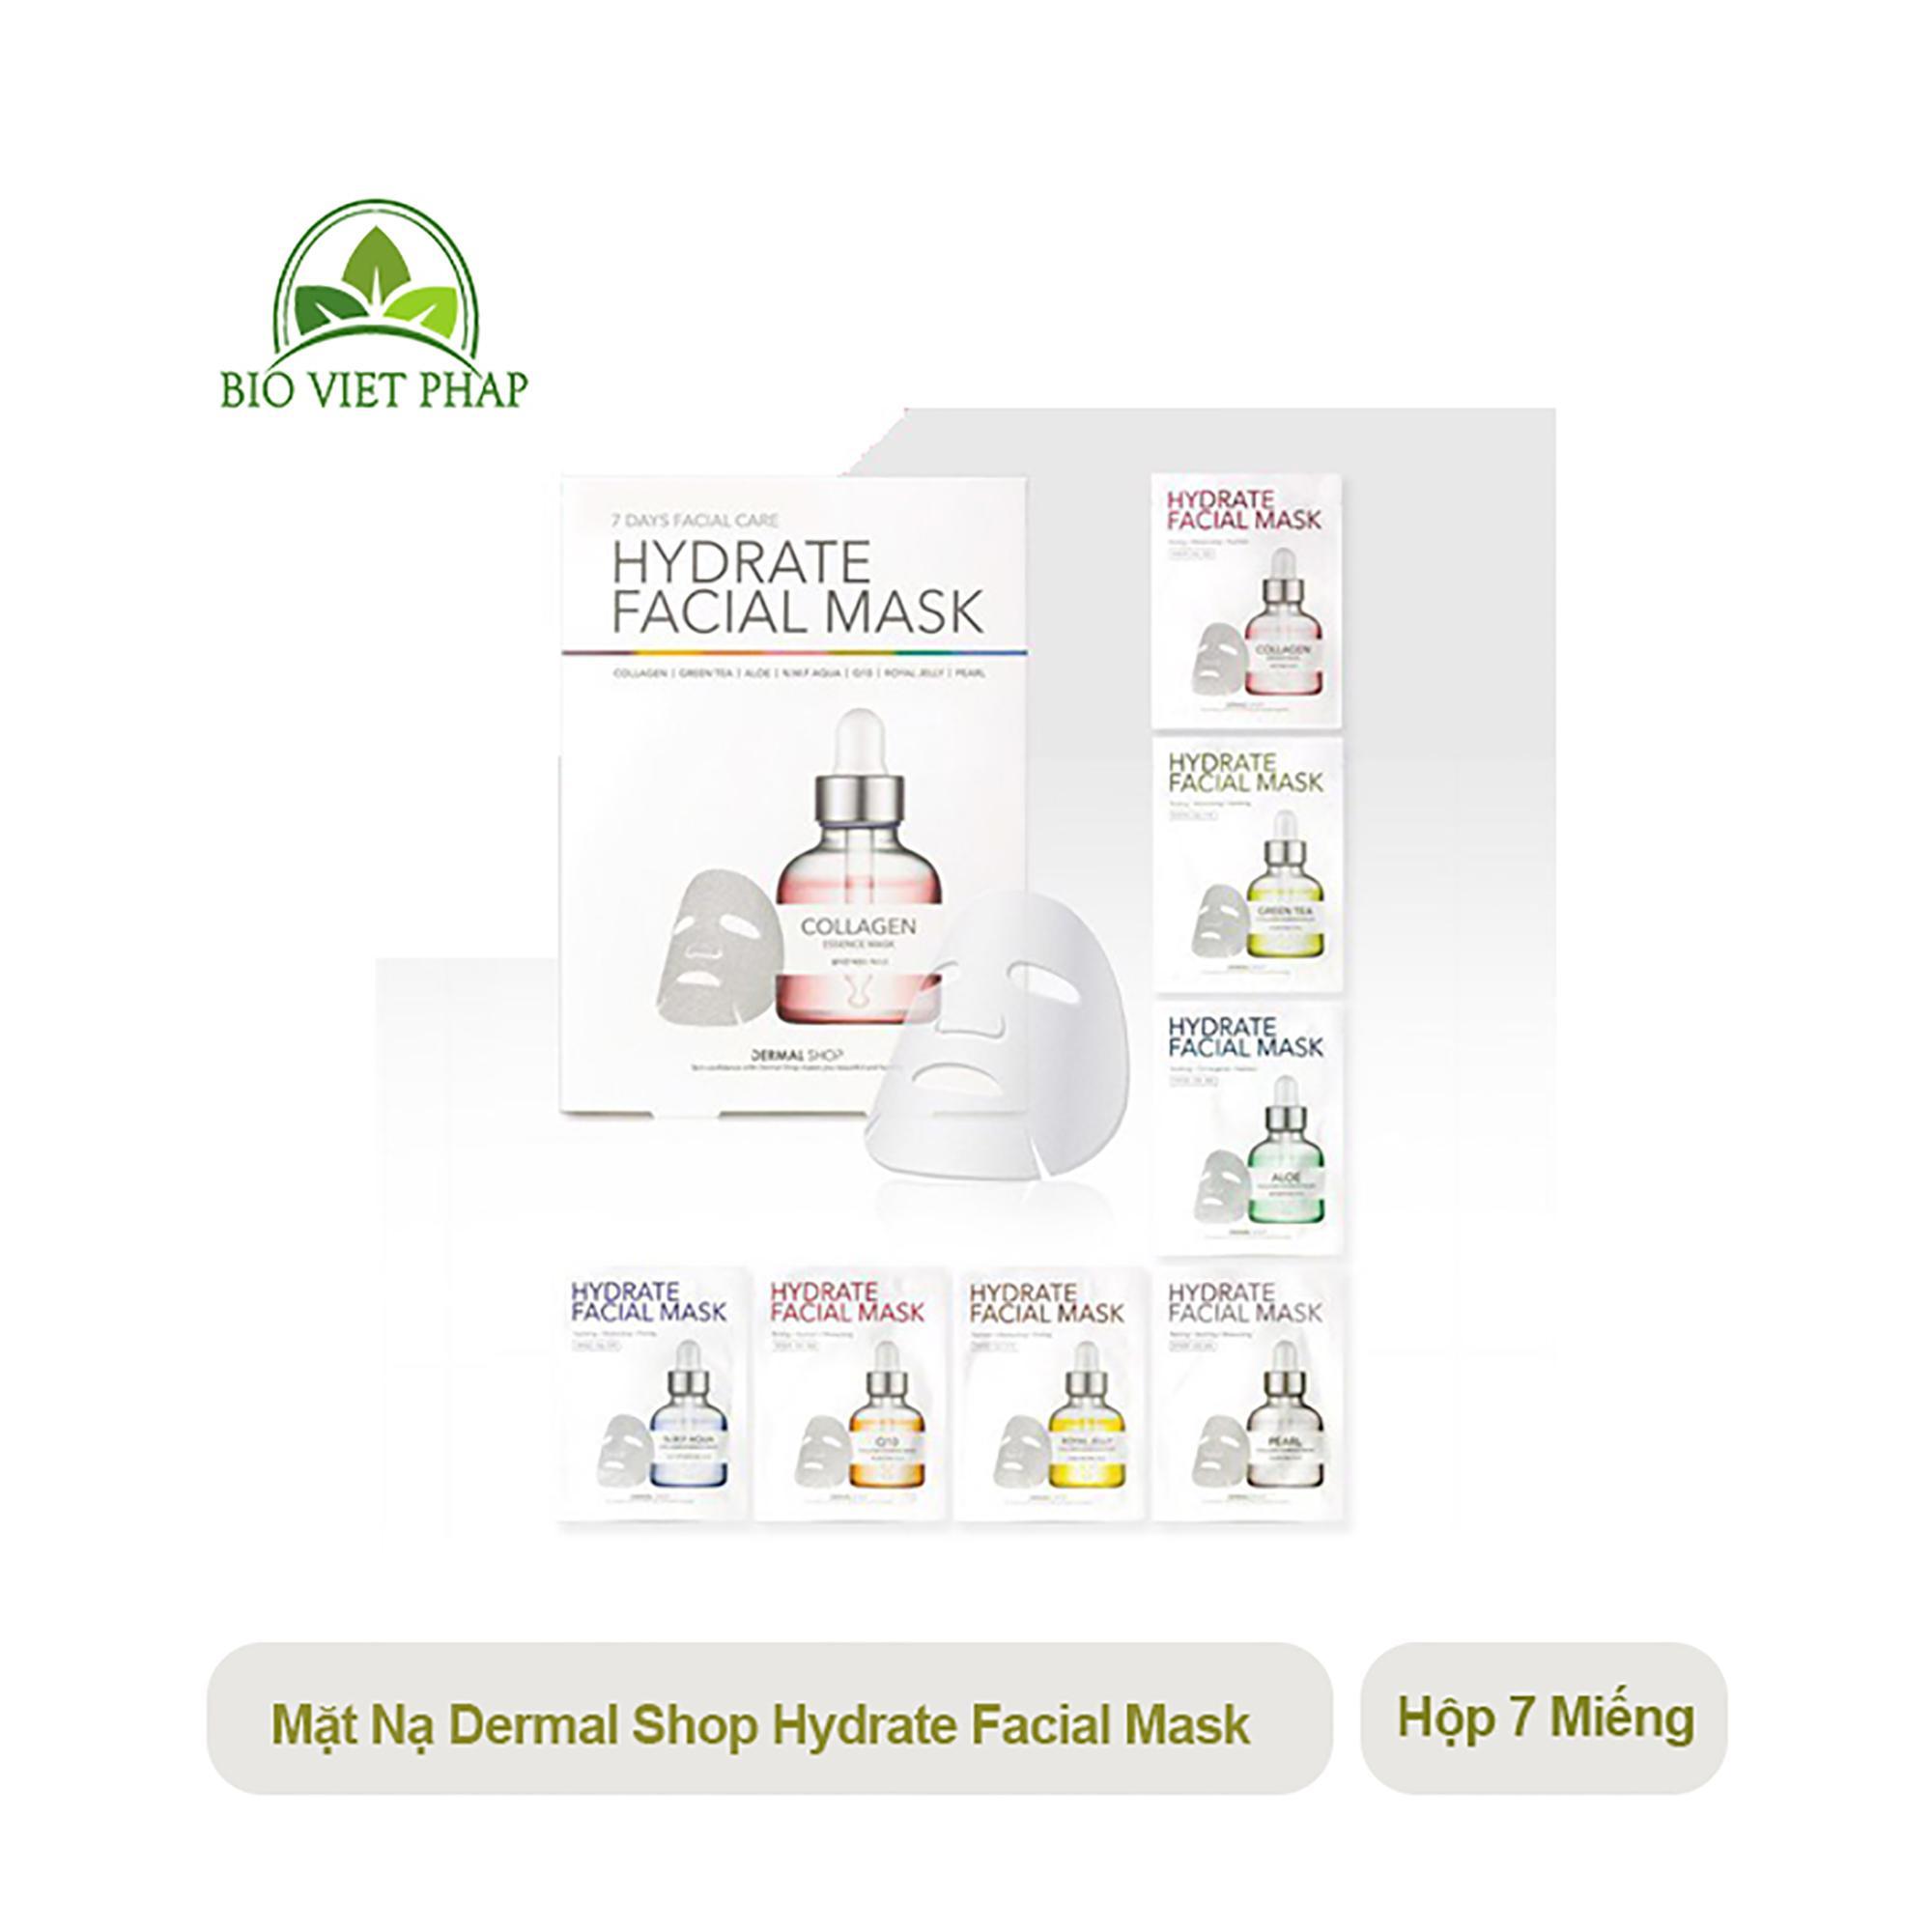 Mặt nạ dưỡng ẩm da COLLAGEN 7 NGÀY DERMAL HYDRATE FACIAL MASK